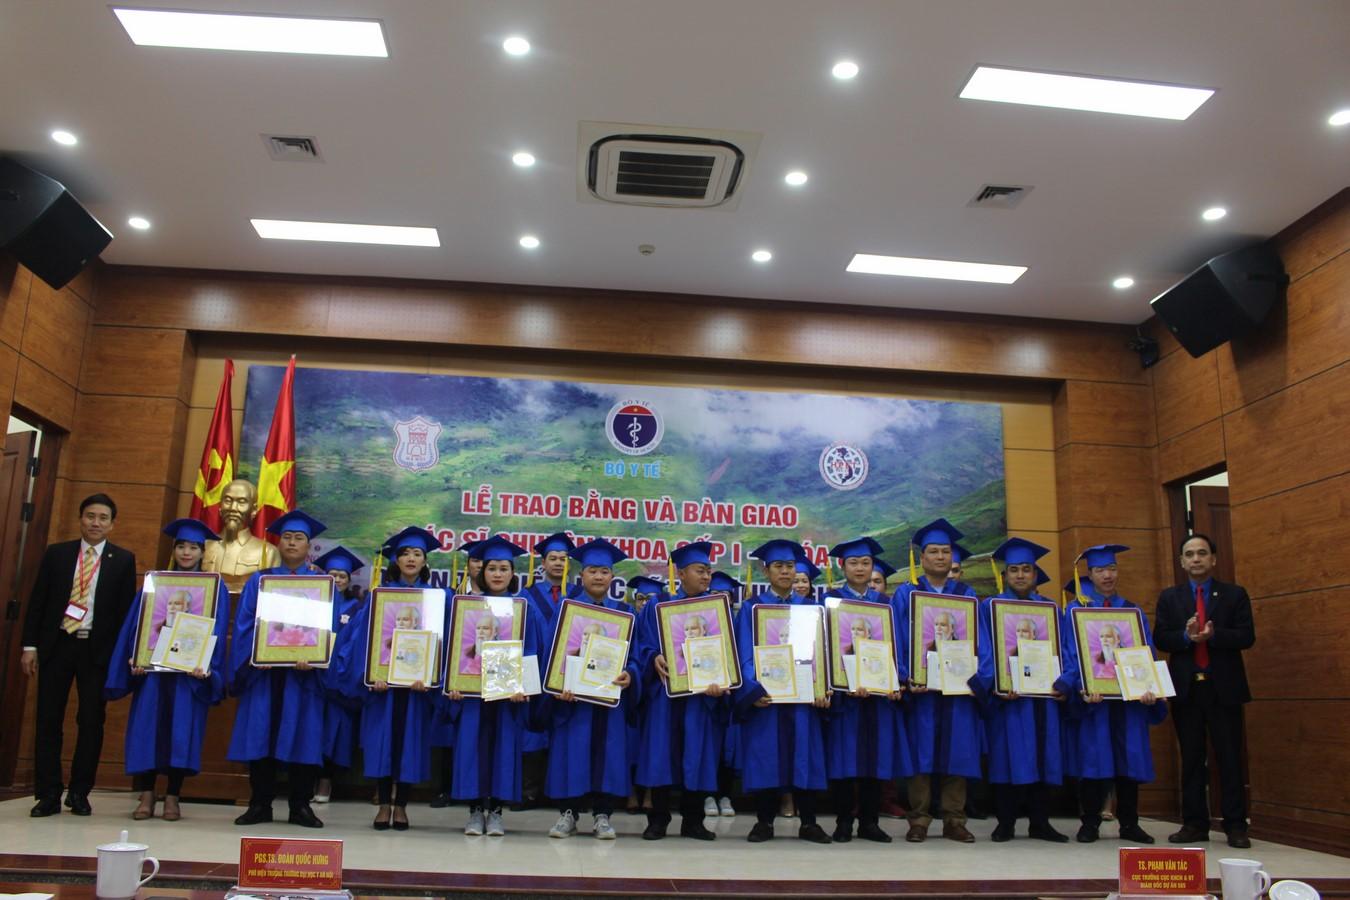 Lễ bàn giao bác sỹ trẻ tình nguyện khóa 8, dự án 585